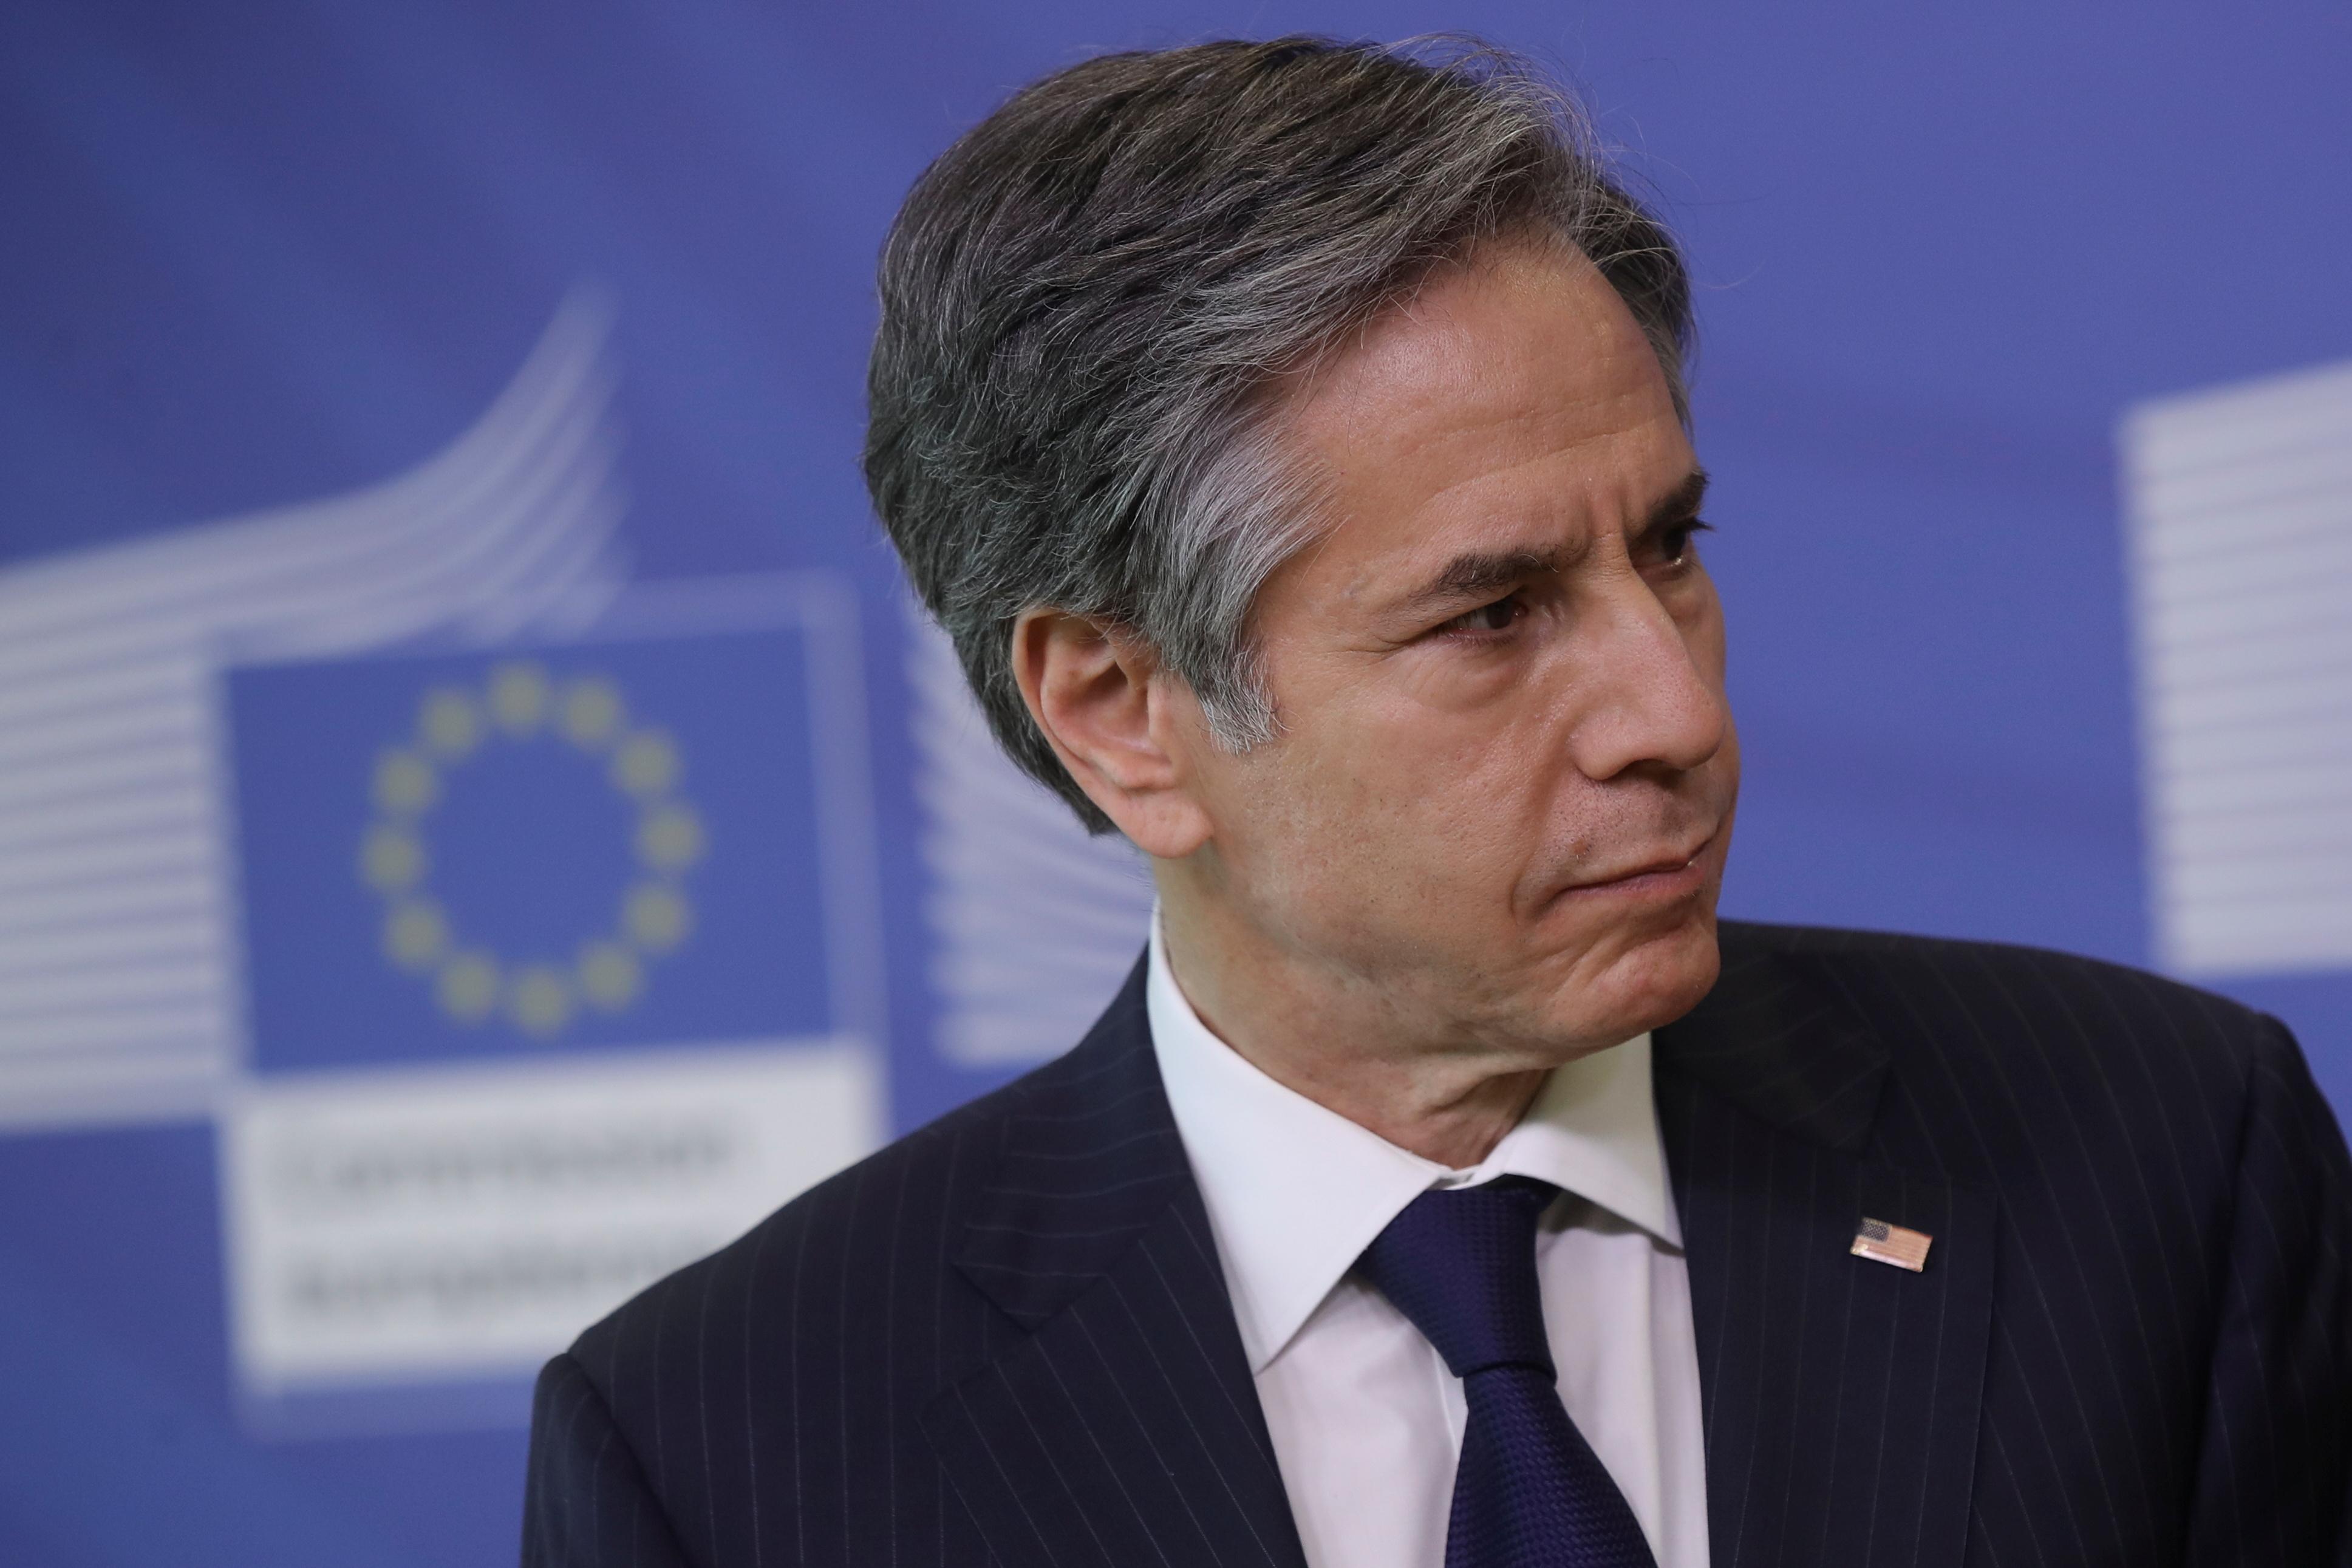 U.S. Secretary of State Antony Blinken attends a meeting in Brussels, Belgium, March 24, 2021. Olivier Hoslet/Pool via Reuters